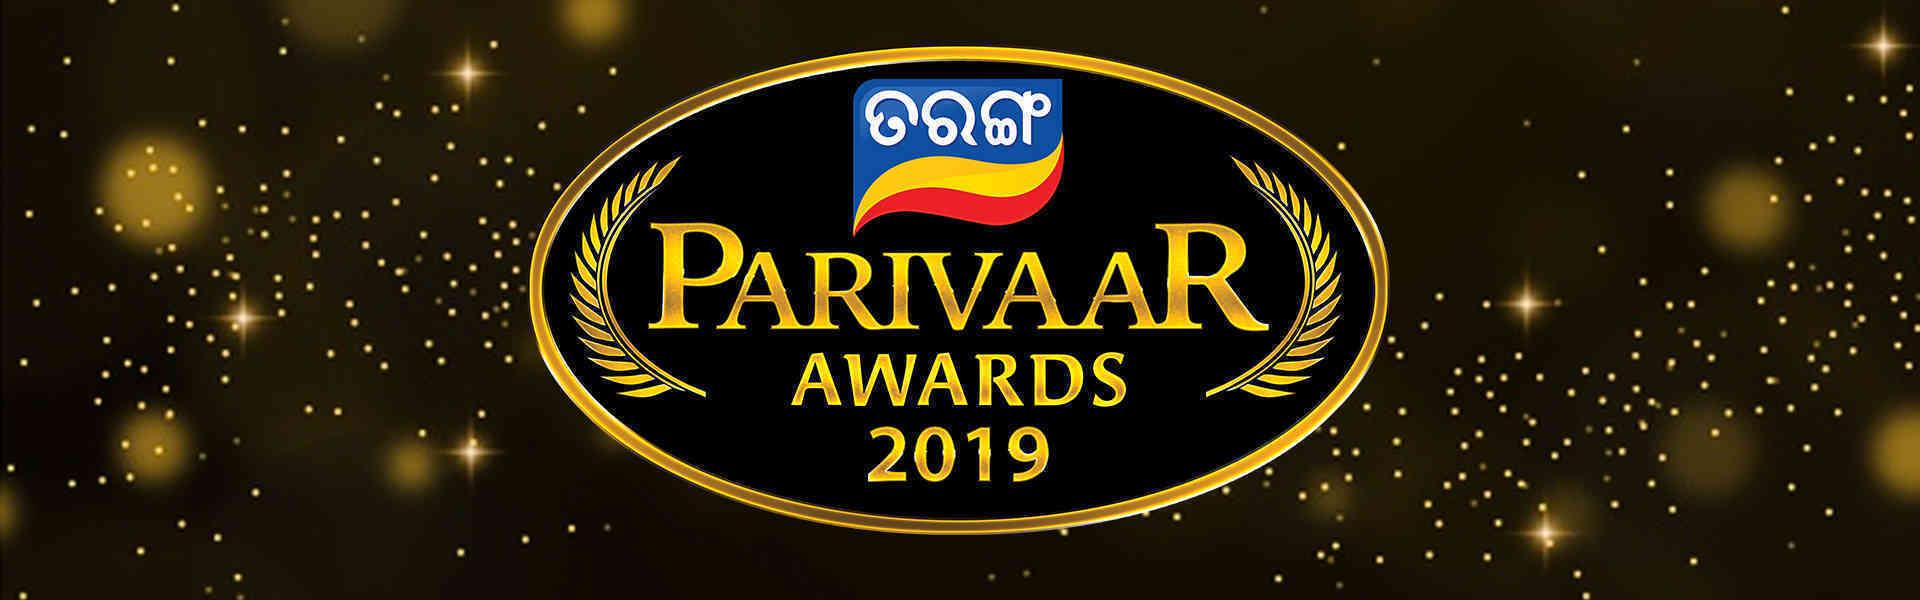 TARANG PARIVAAR AWARDS 2019